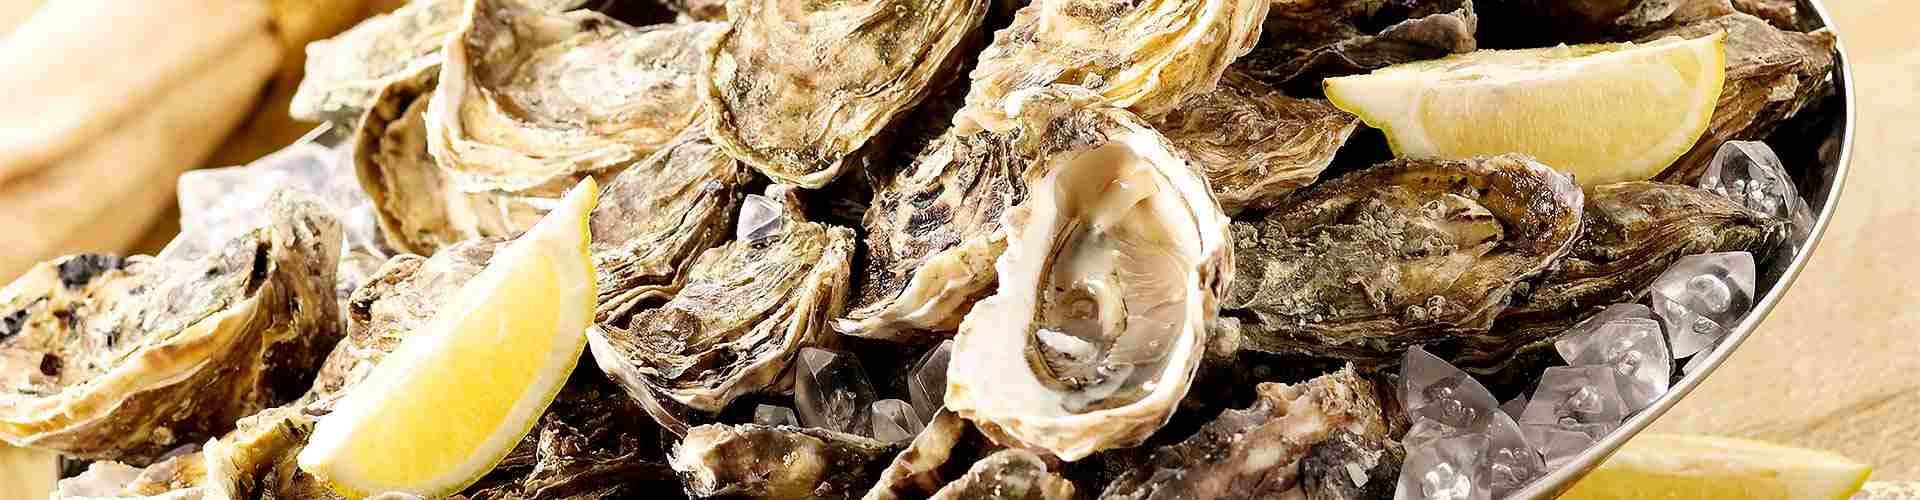 restaurante especialidad ostras en restaurantes de Valencia